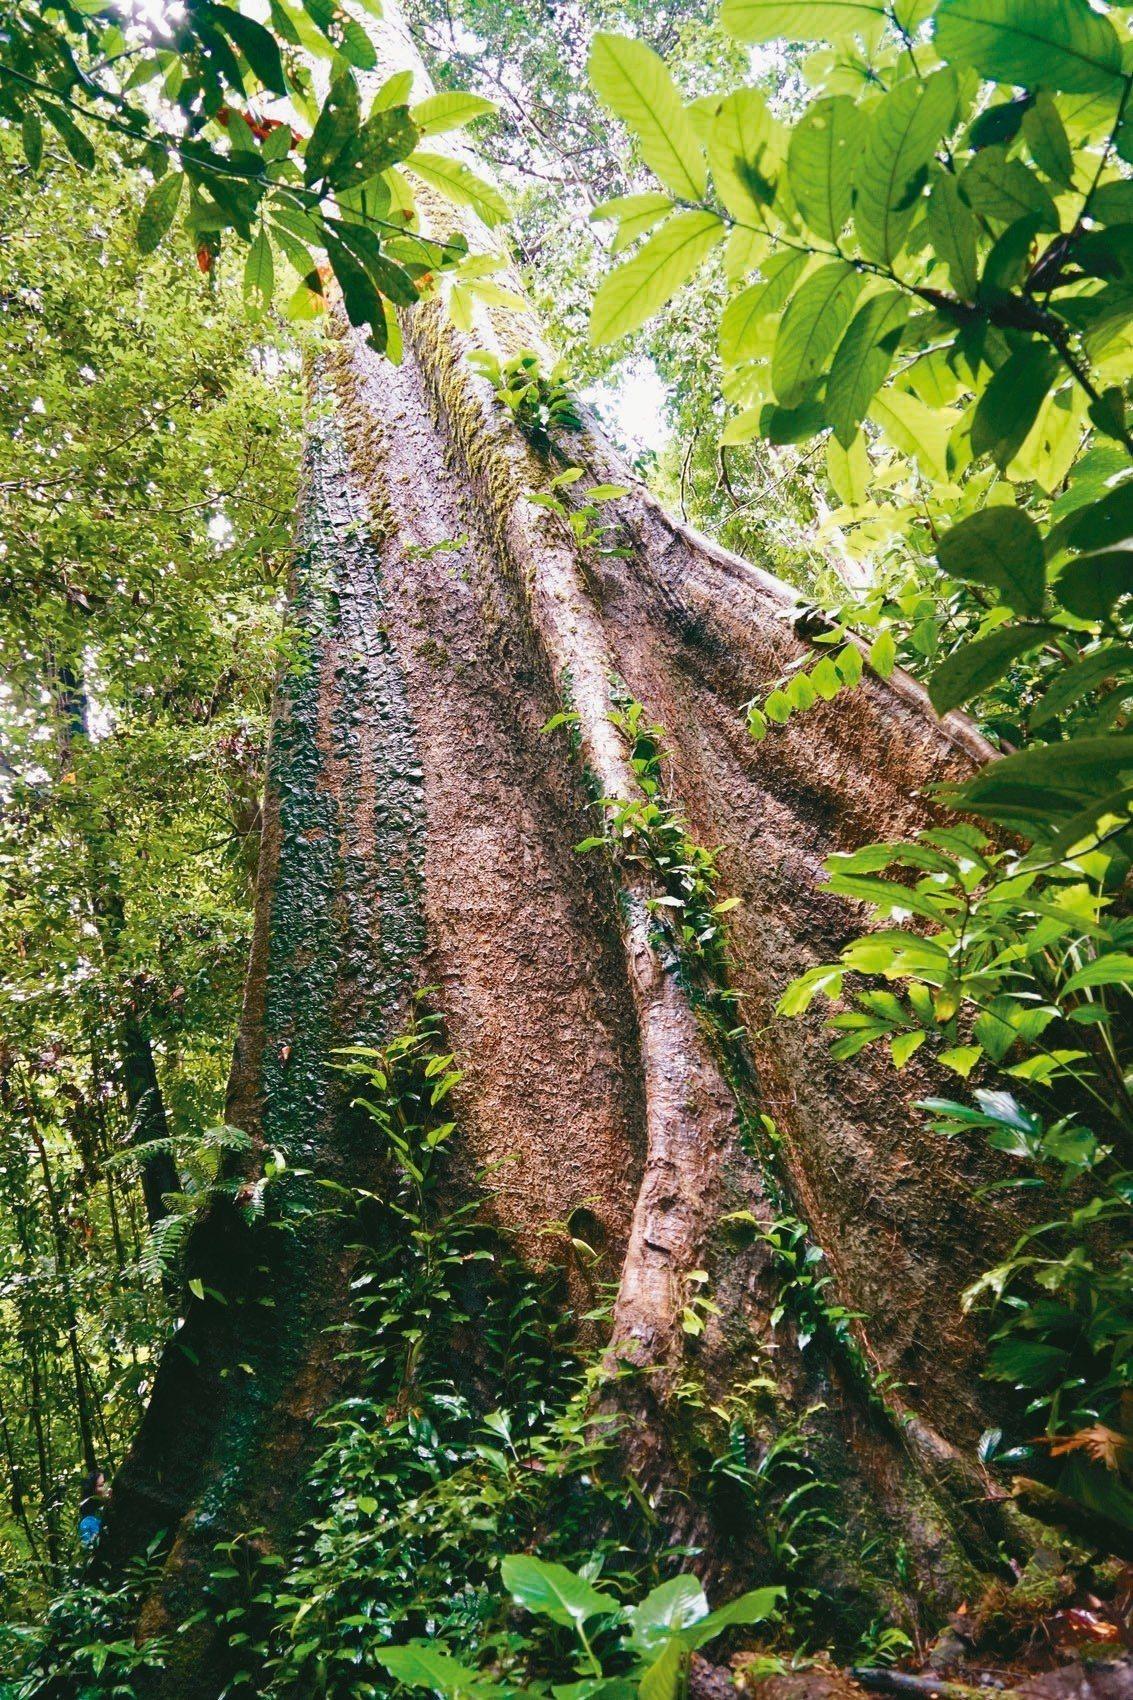 雨林樹幹筆直高大,為支撐這樣的身軀,樹的根部通常長著特殊的板根。 圖/游慧君、陳...